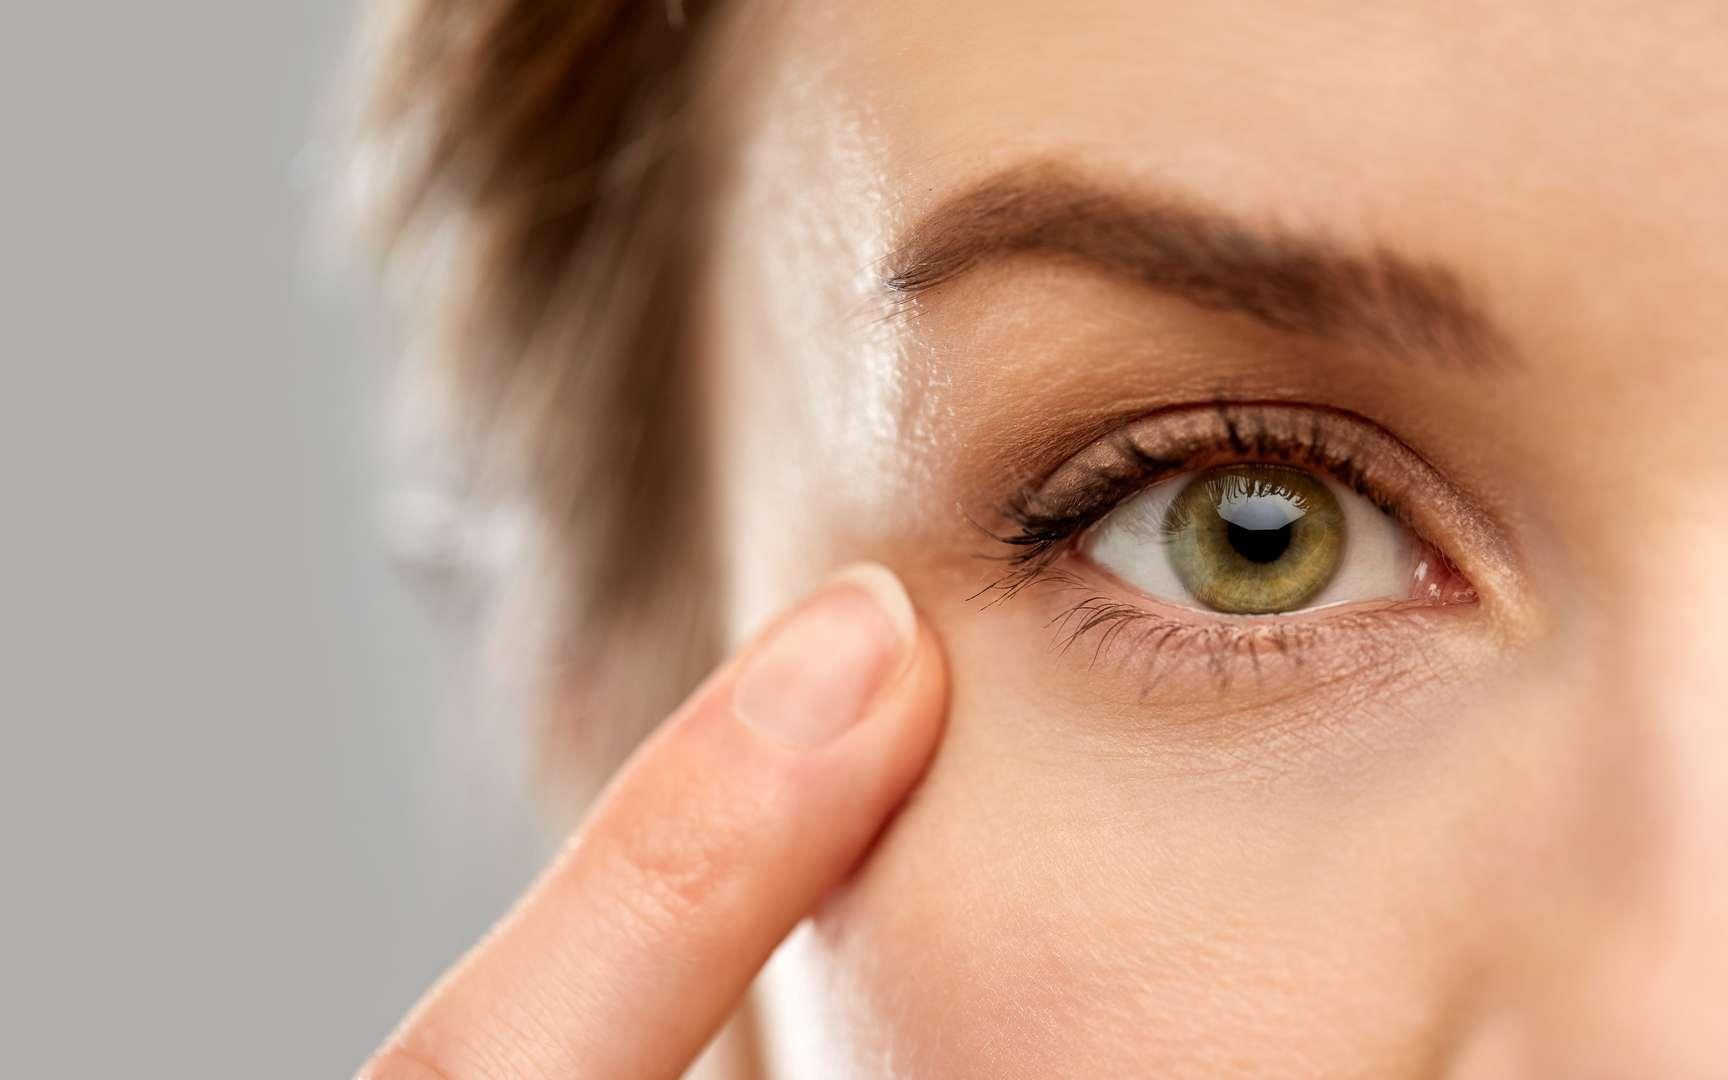 Dans l'œil, la rétine est le tissu photorécepteur. © Syda Productions, Fotolia